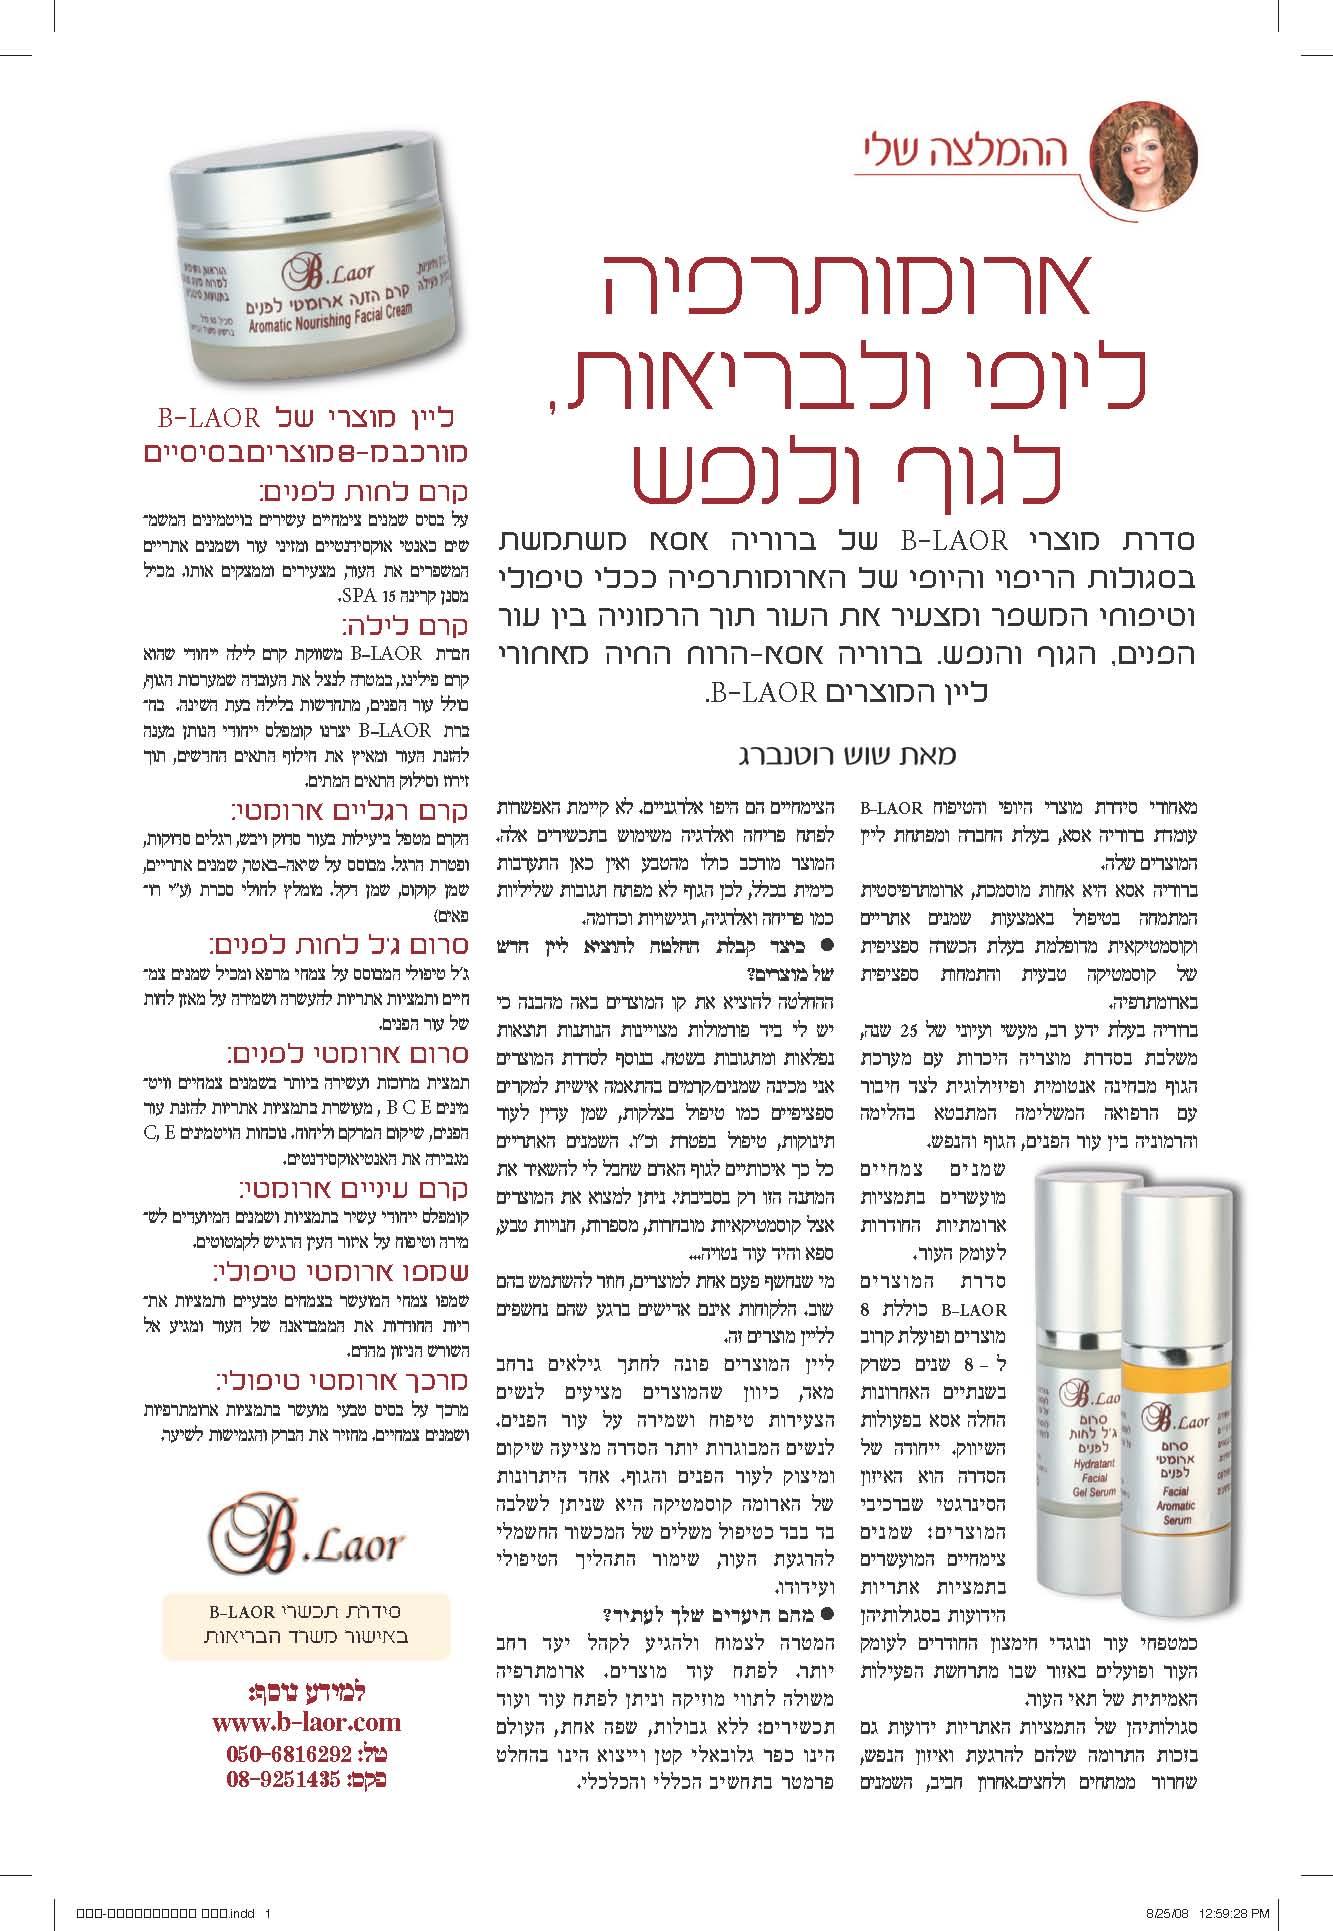 פרסום בעיתון לאישה